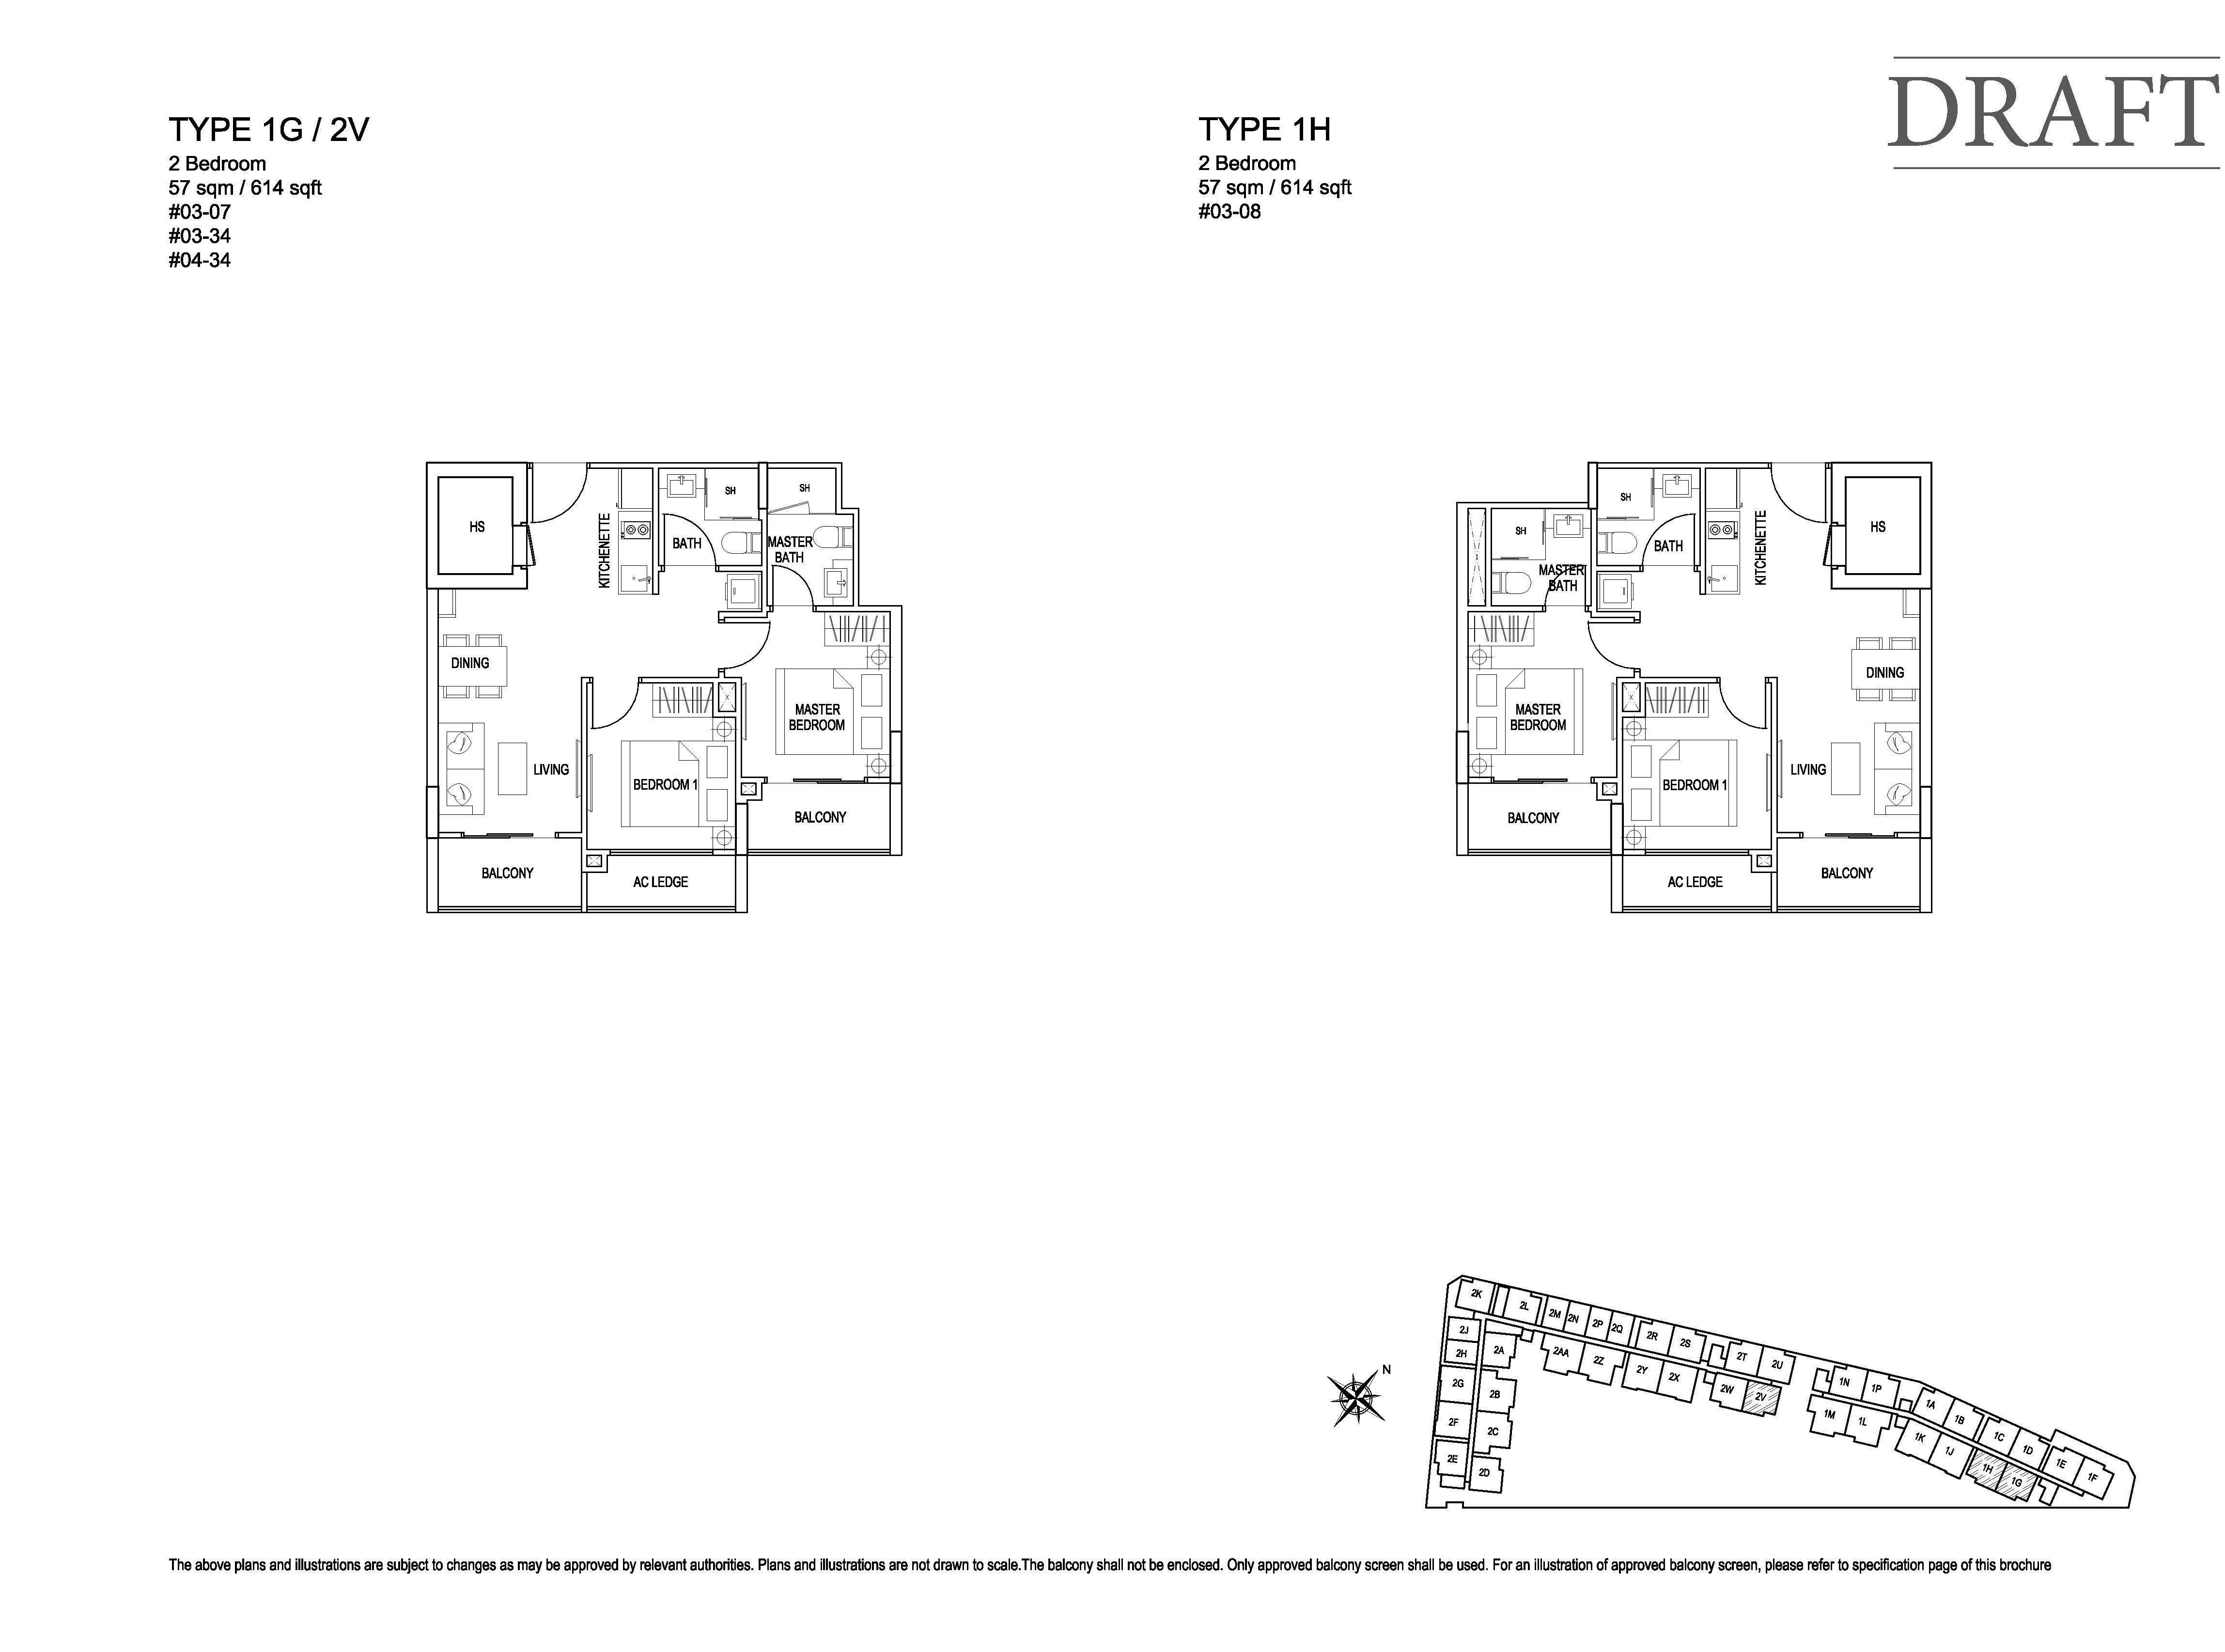 Kensington Square 2 Bedroom Floor Plans Type 1G, 2V, 1H